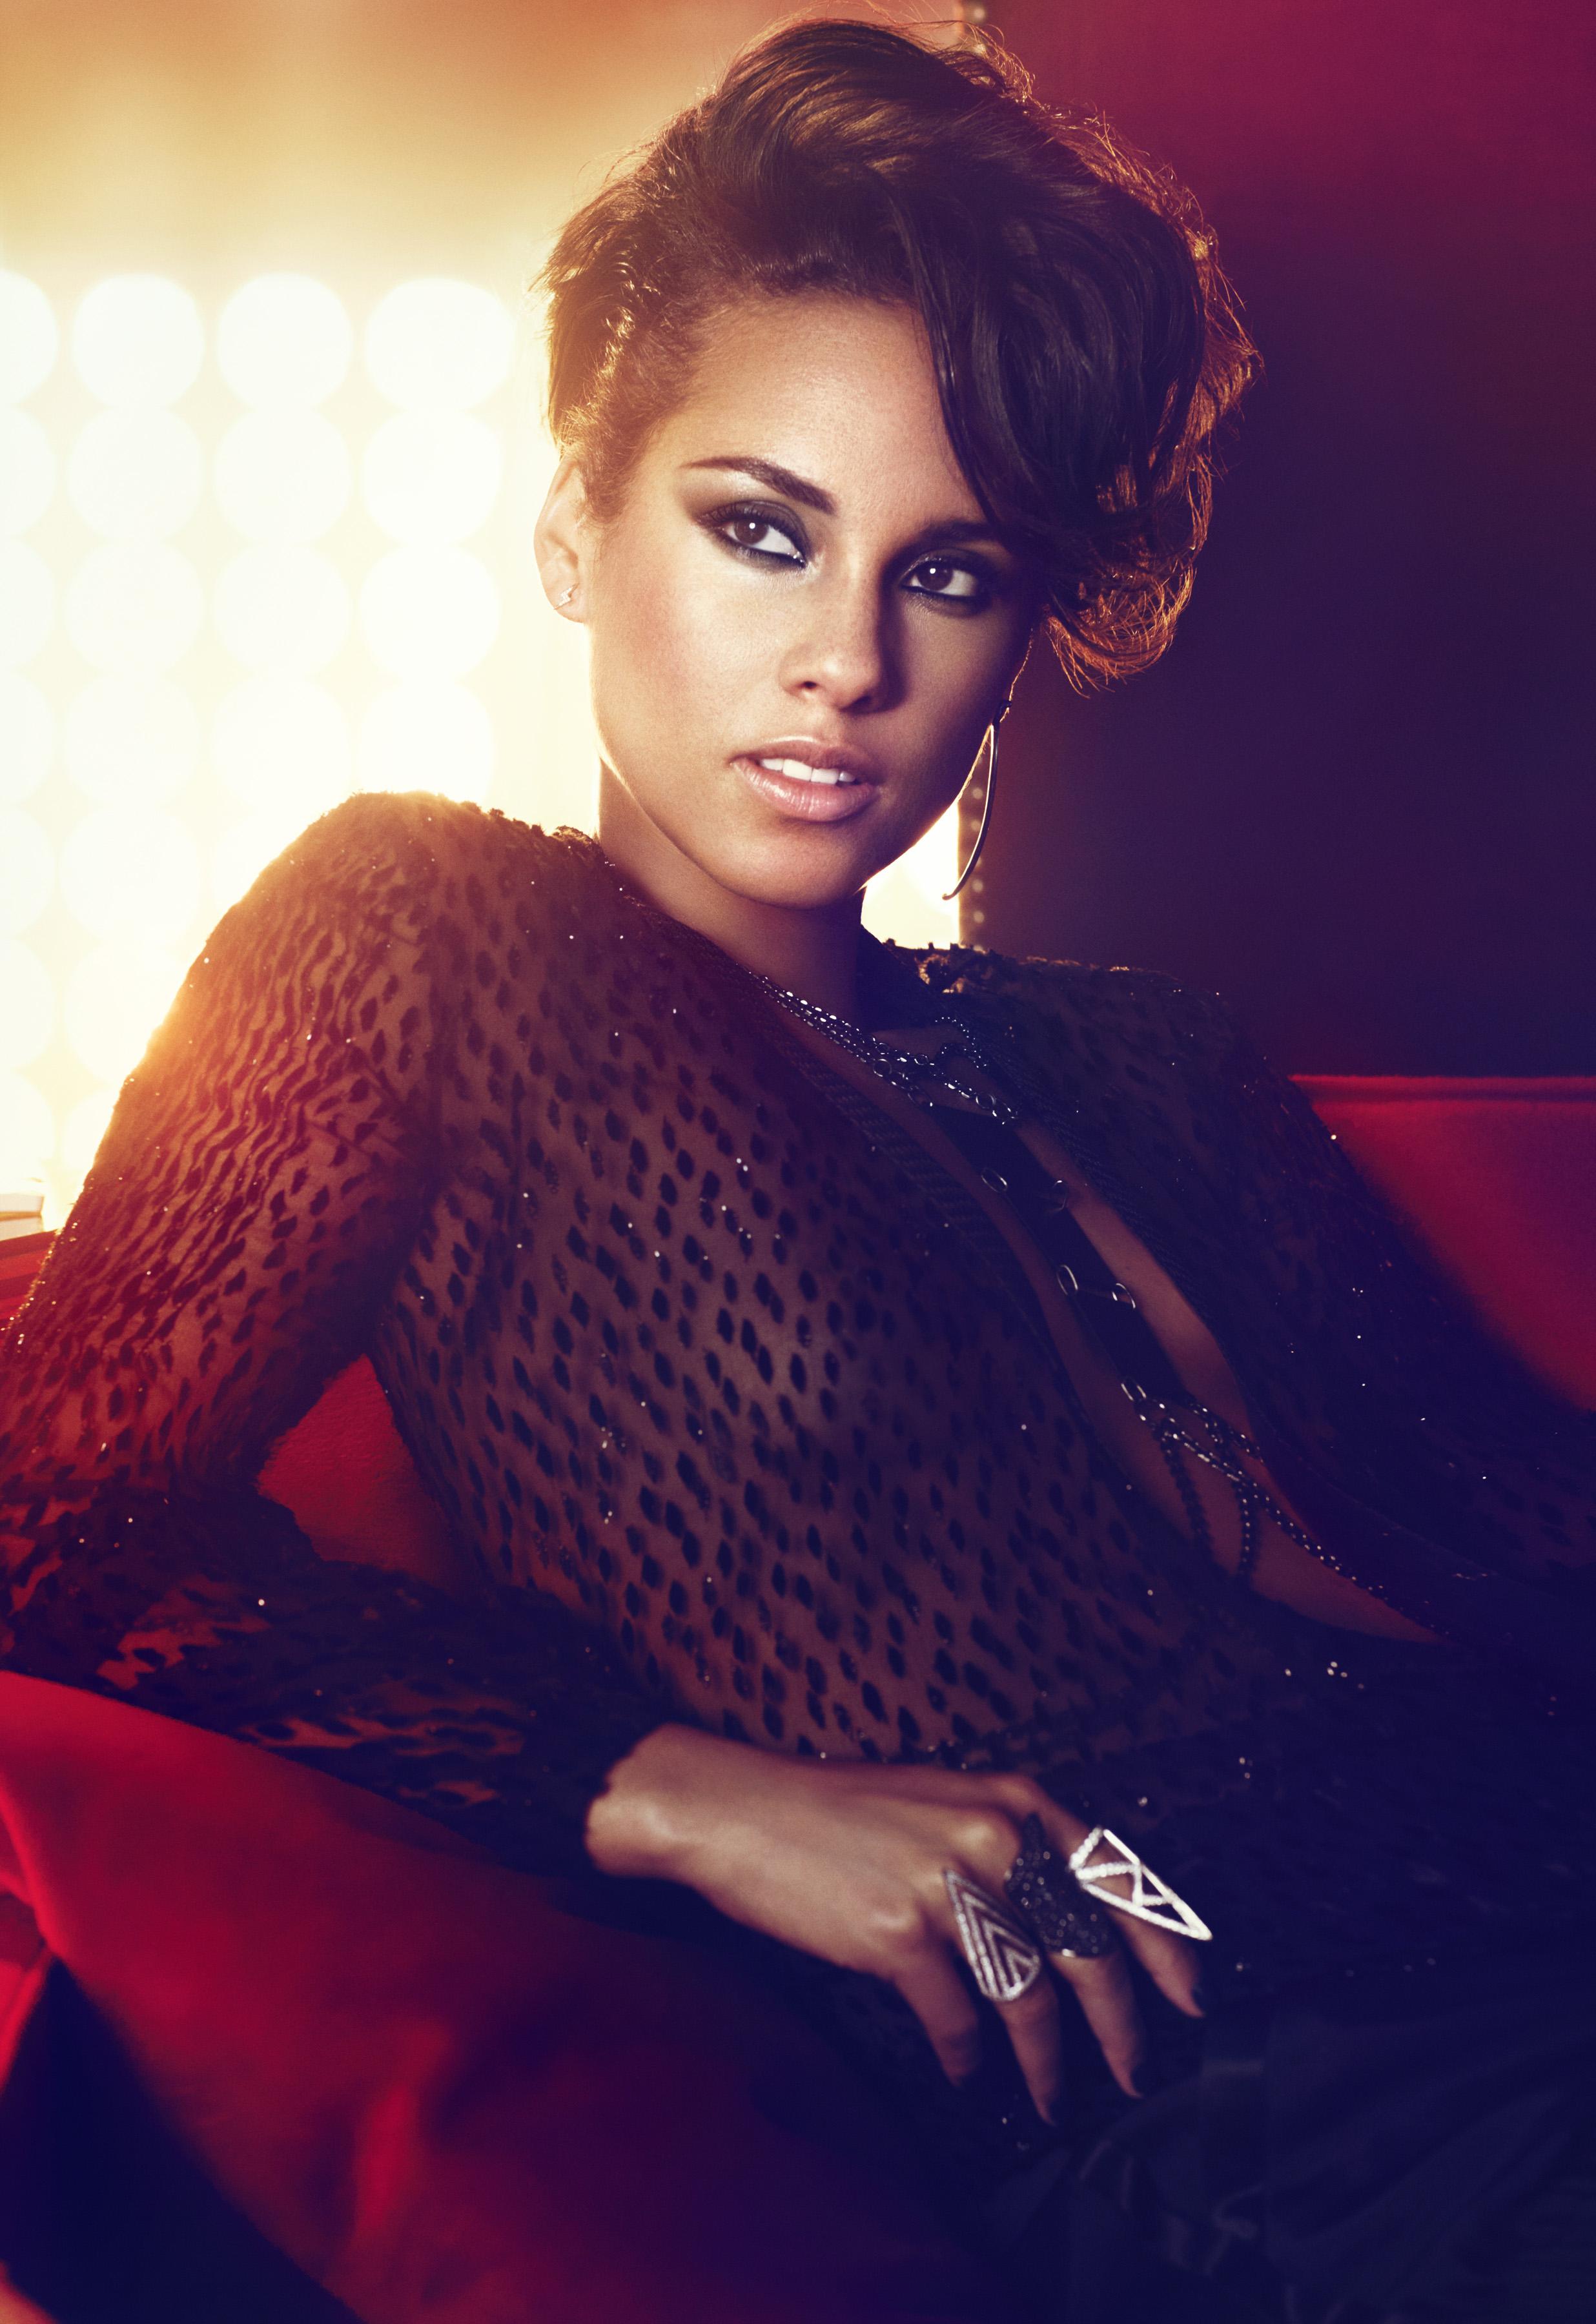 Alicia Keys Alicia Keys Songs